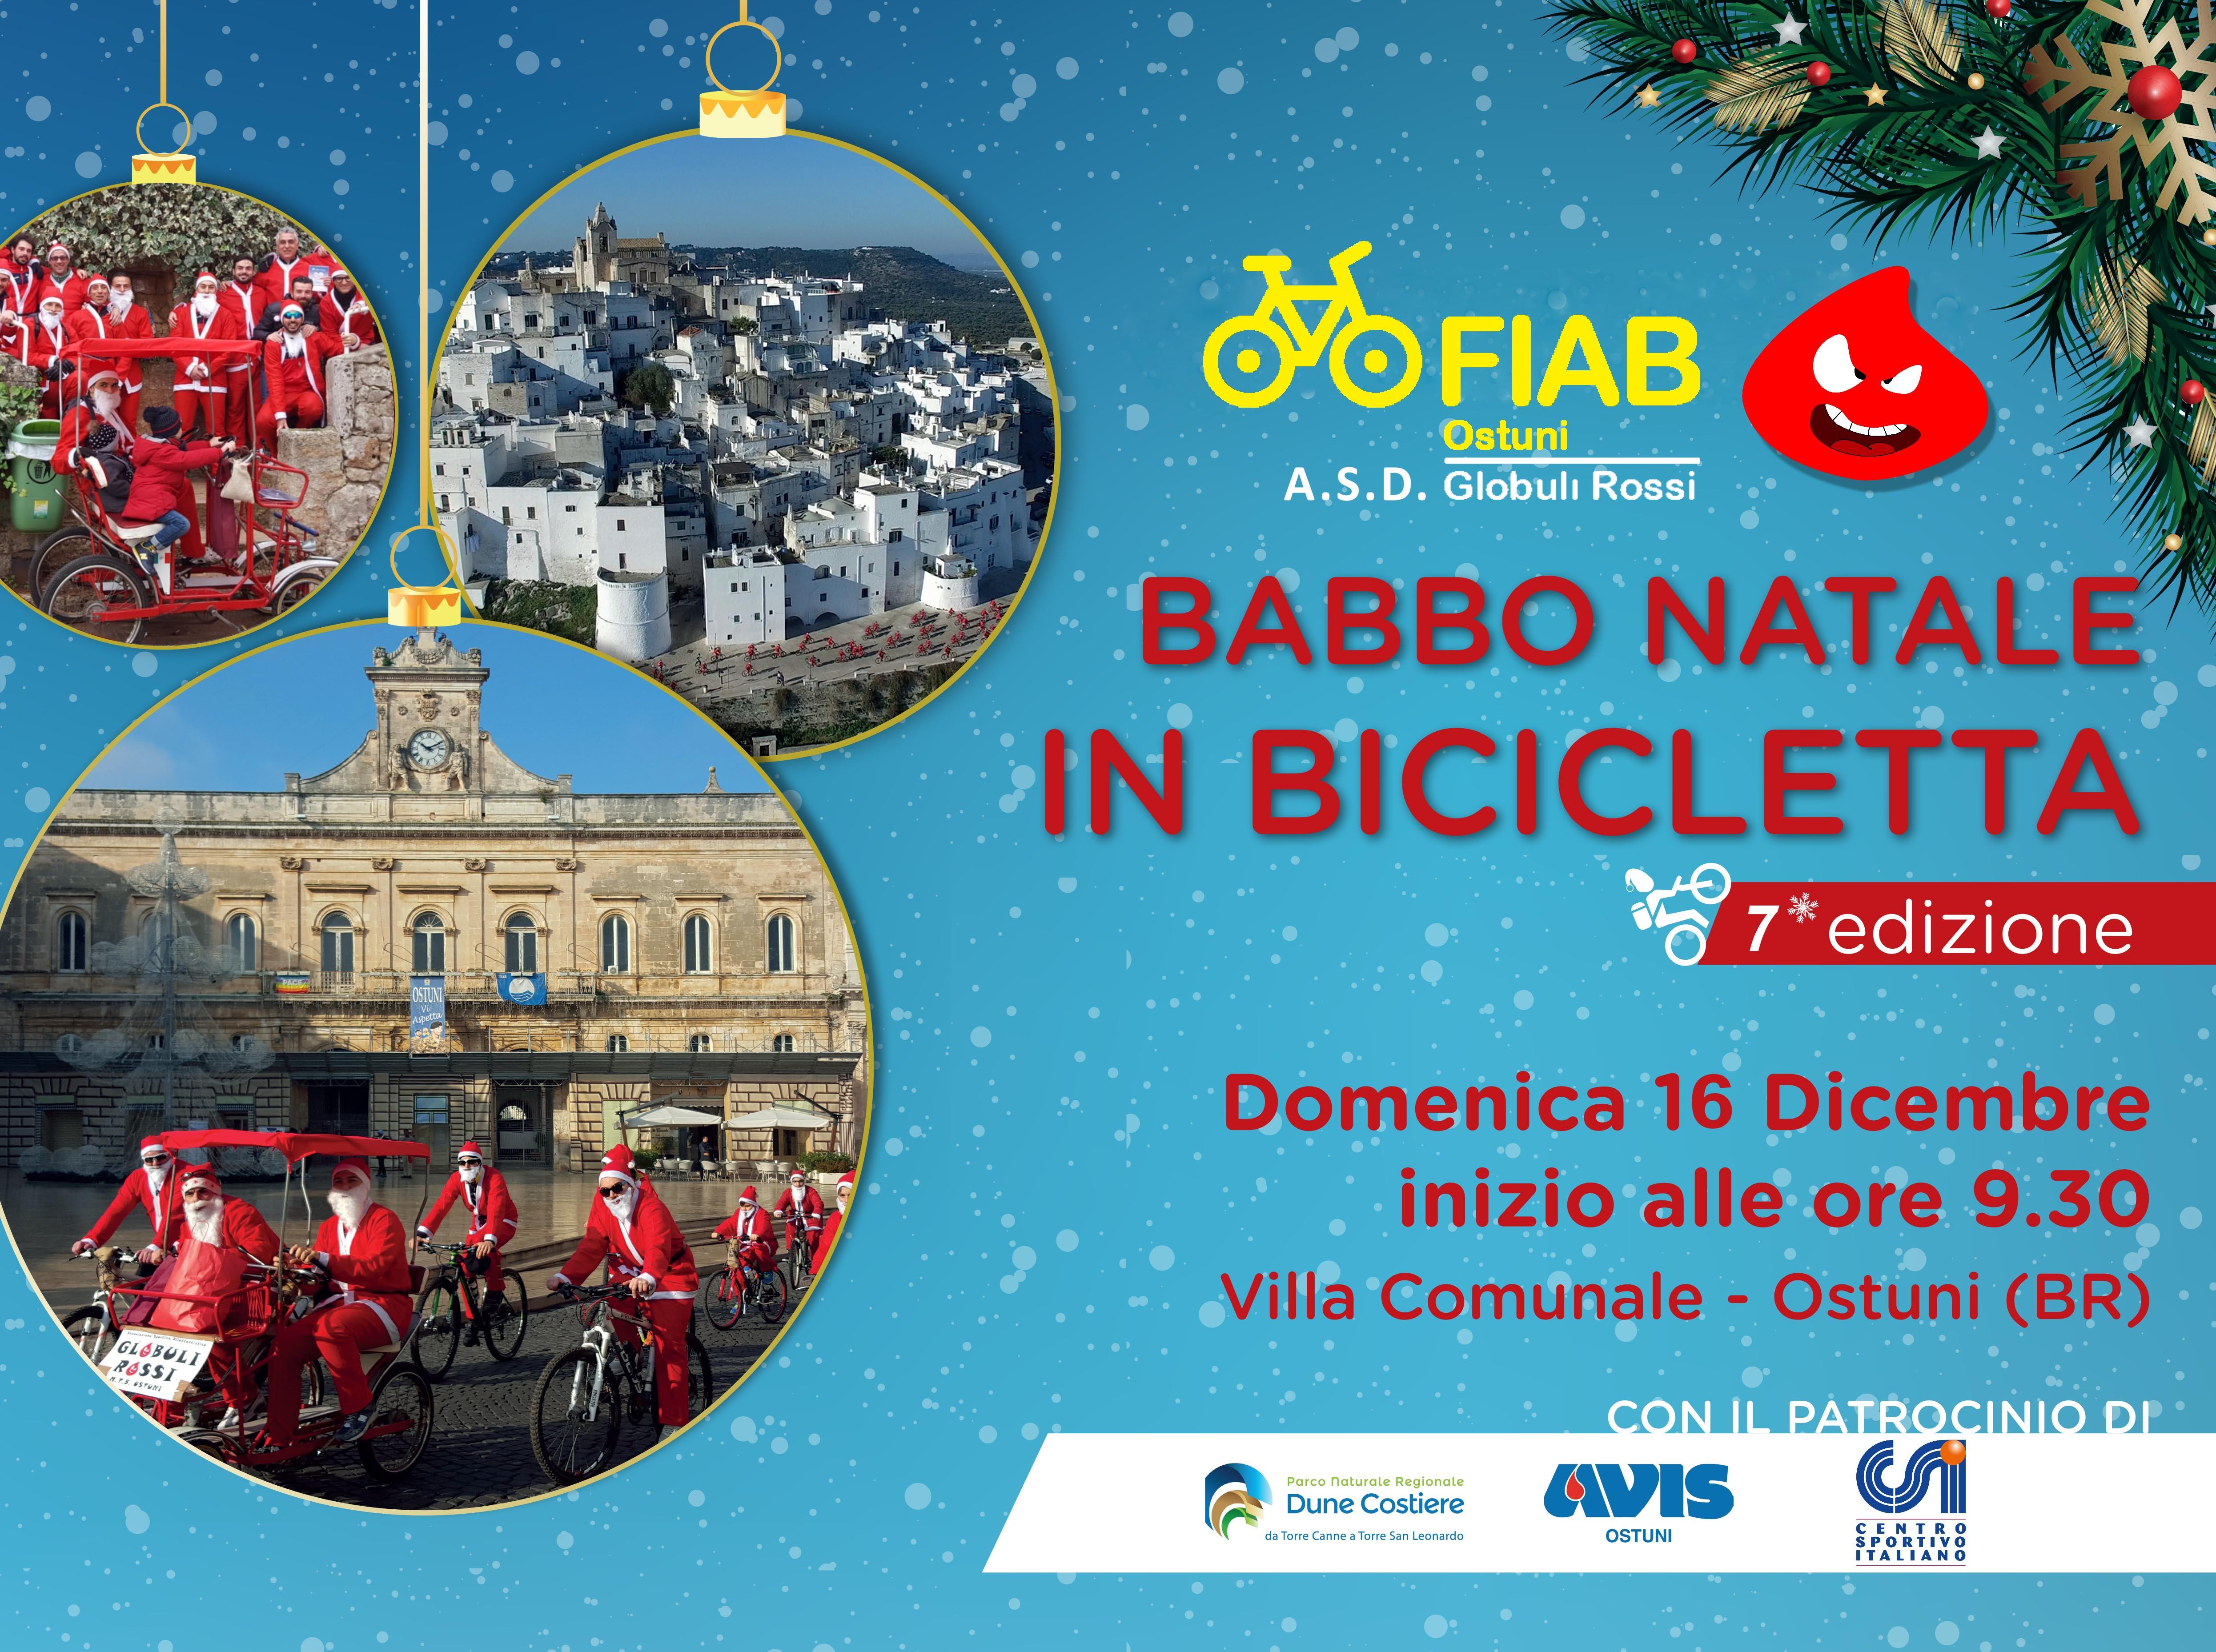 Babbo Natale in Bicicletta Ostuni, 7° edizione